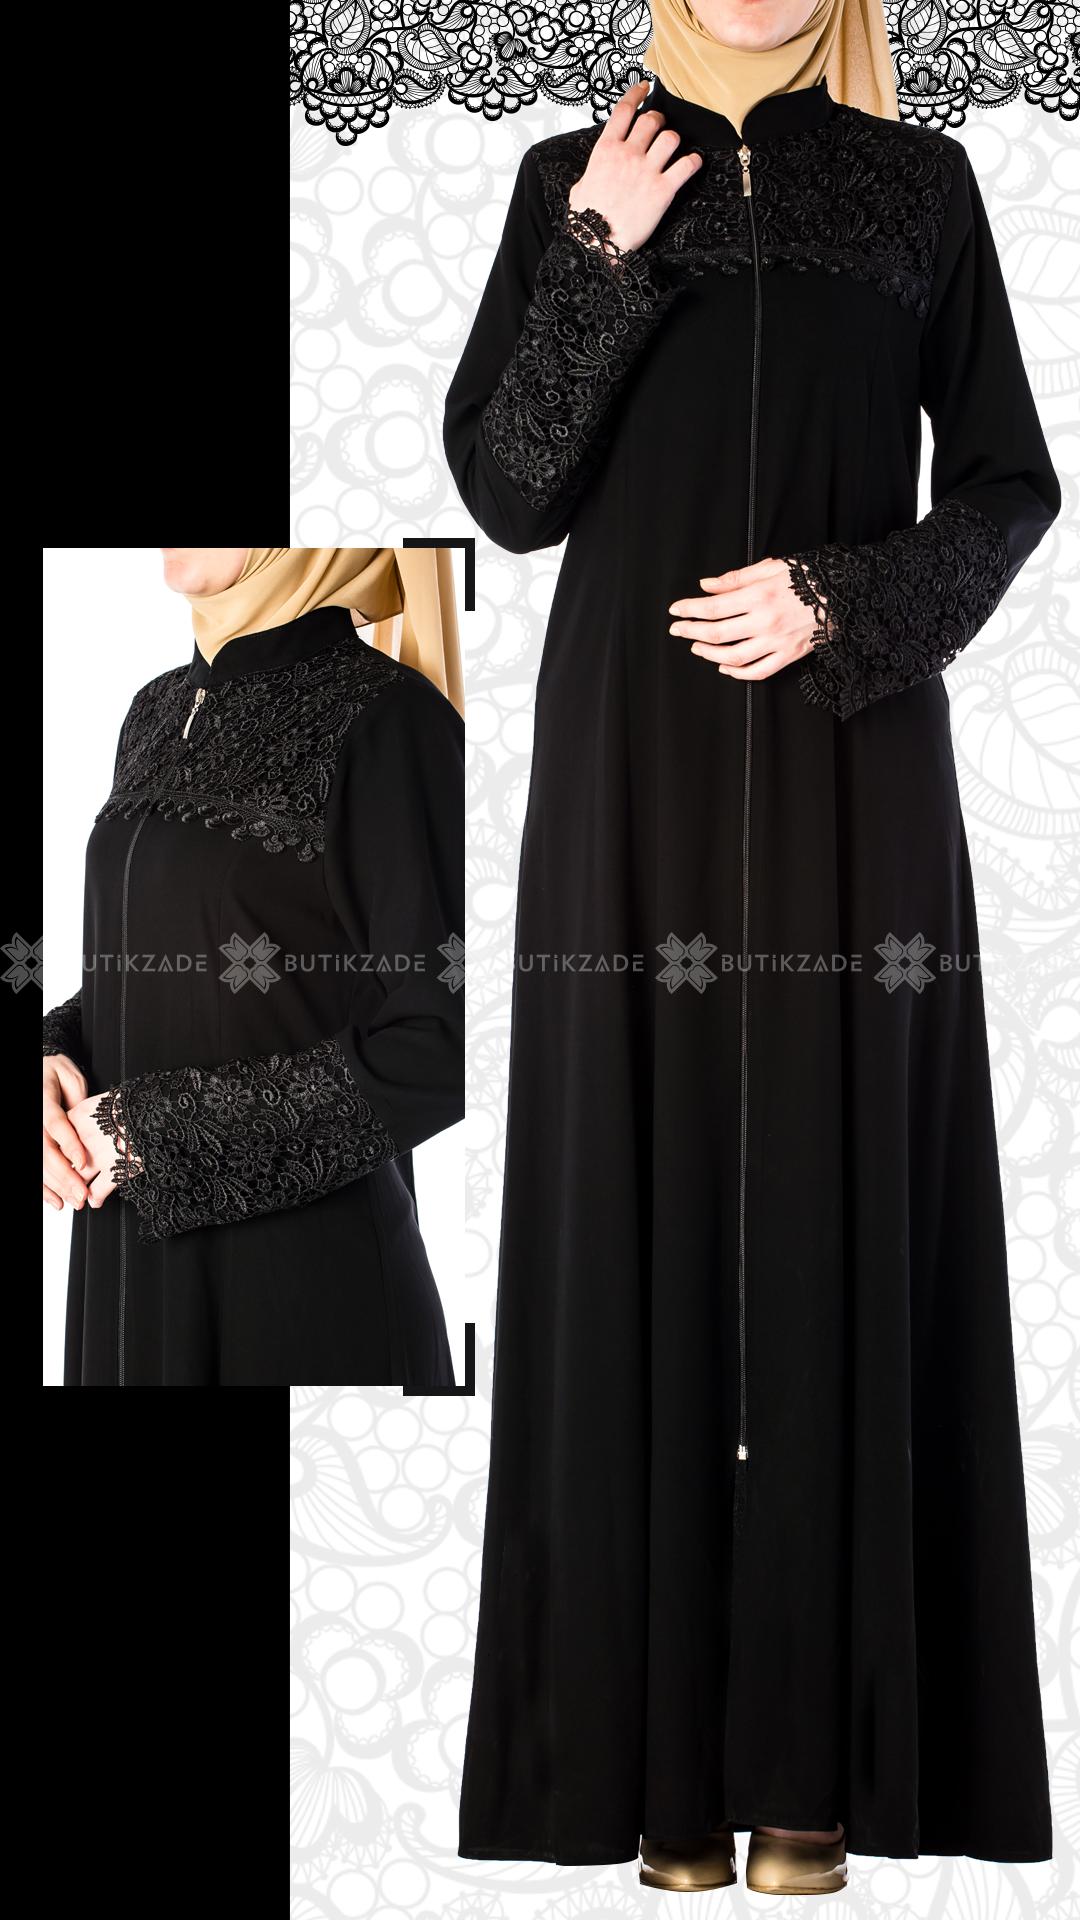 Zumrut Dantelli Ferace Siyah Muslim Fashion Abayas Fashion Muslimah Fashion